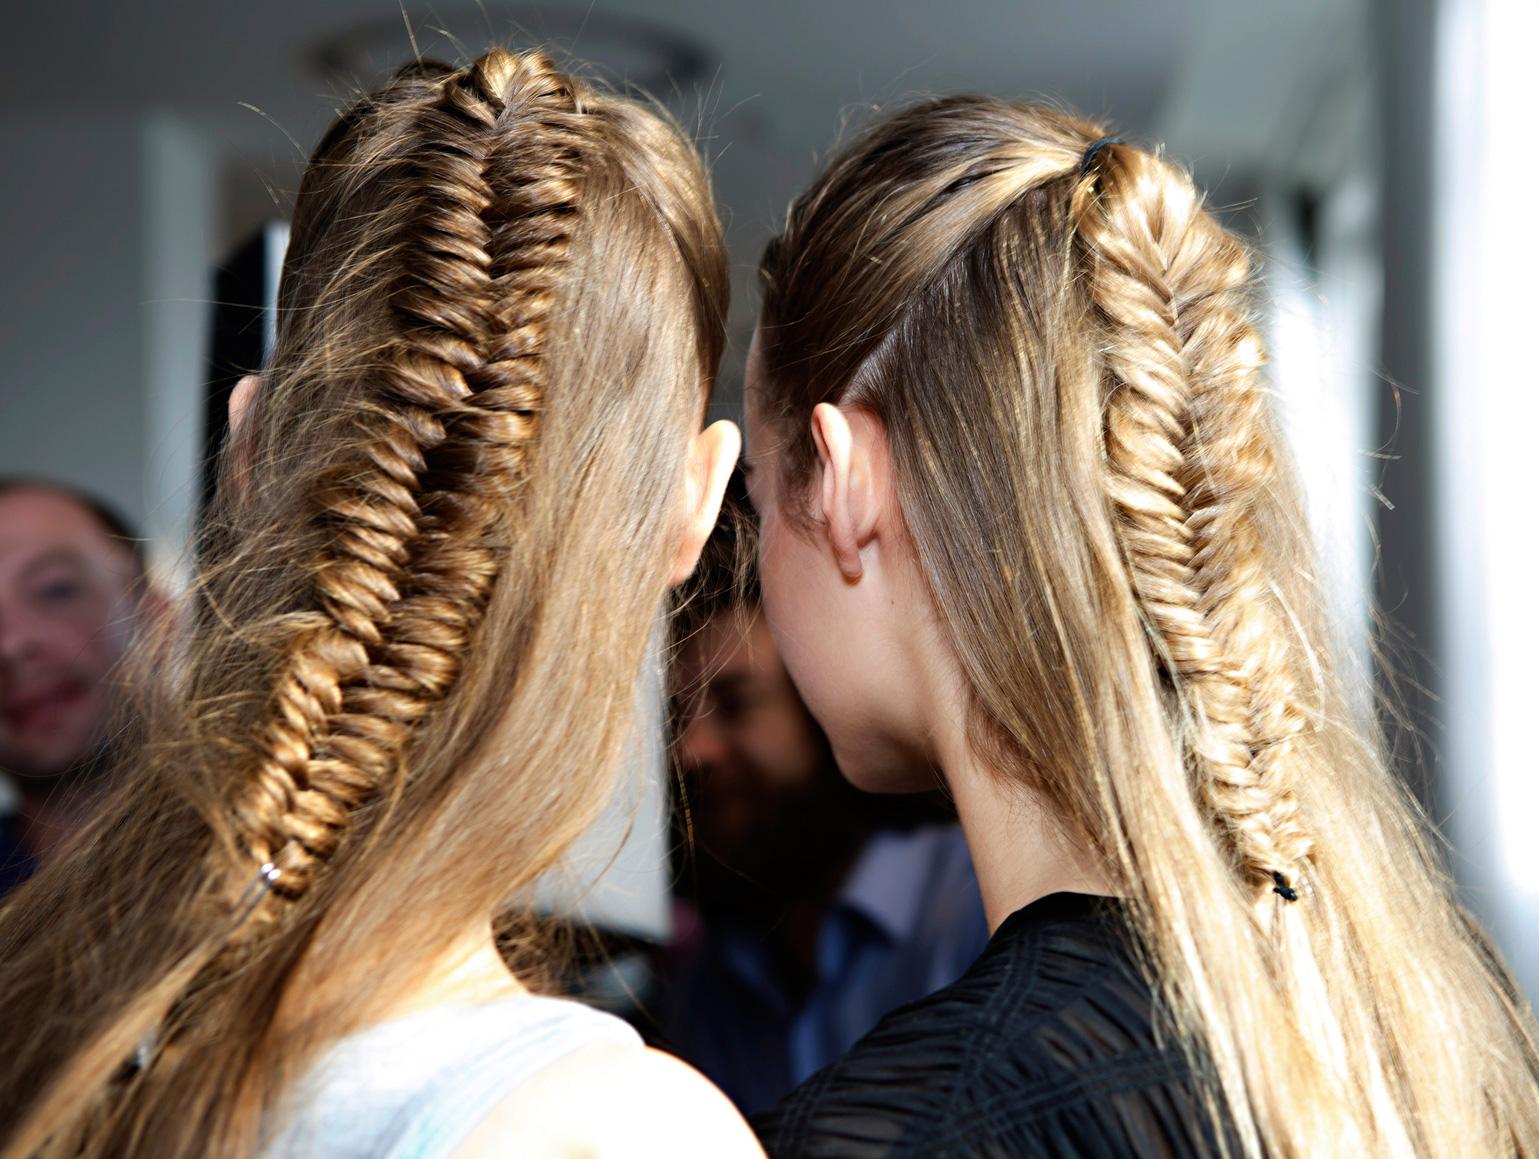 موهاتونو 2015 ای شونه کنید